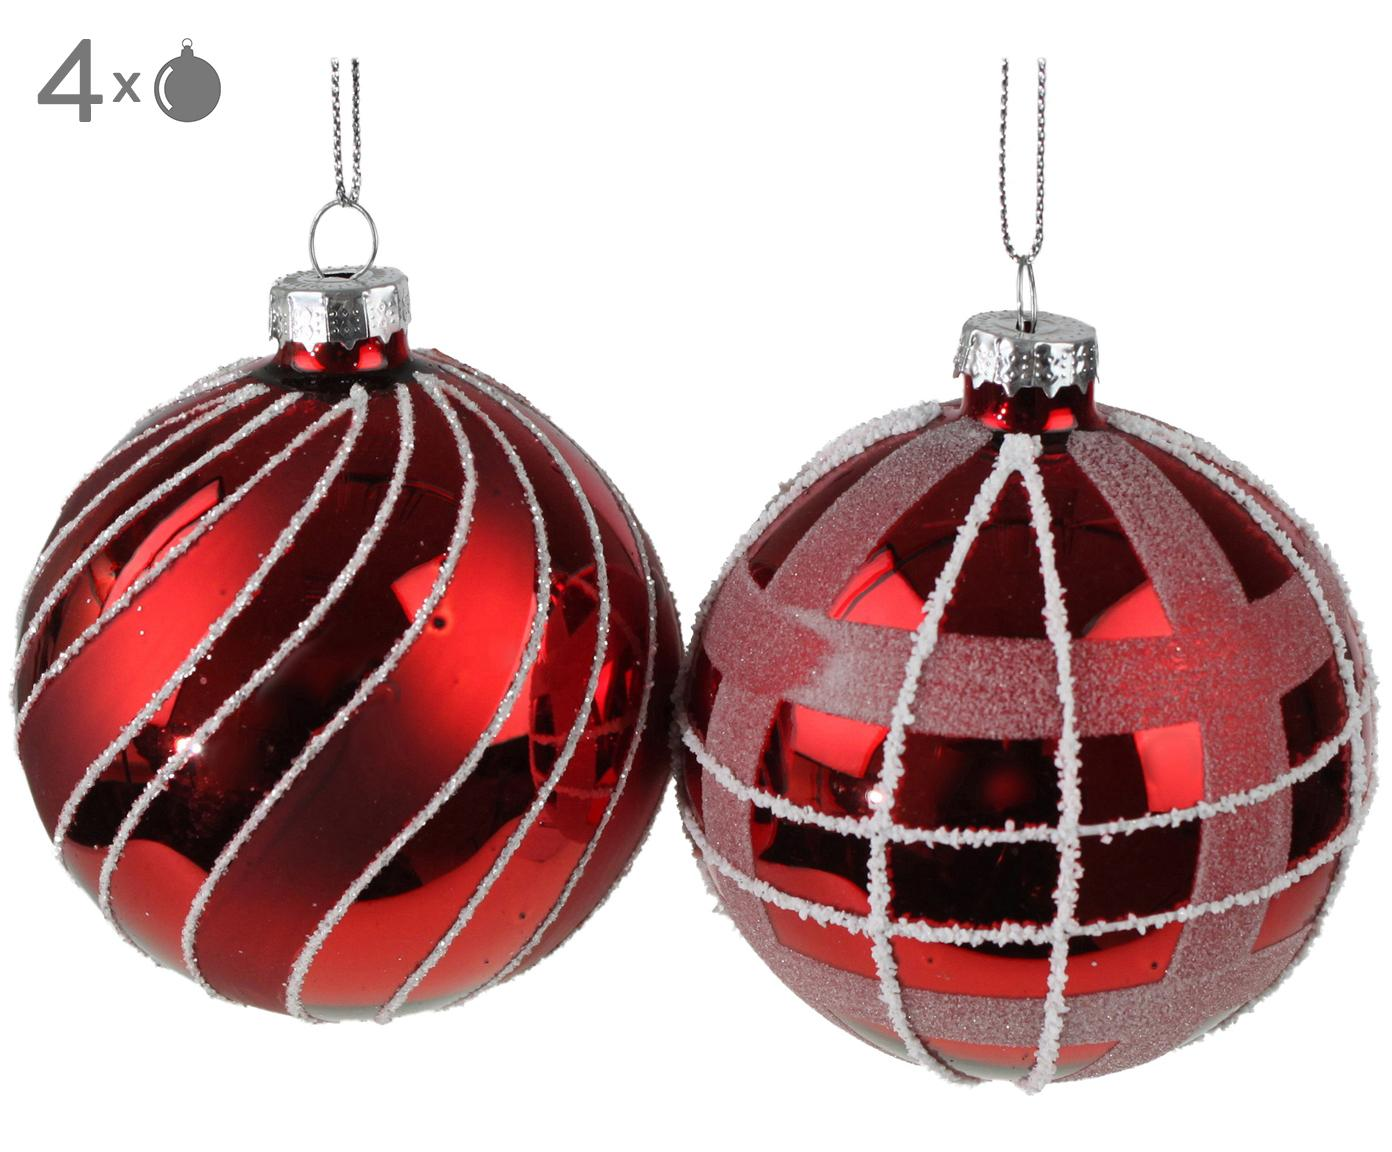 Kerstballenset Designs, 4-delig, Gelakt glas, Rood, Ø 8 cm